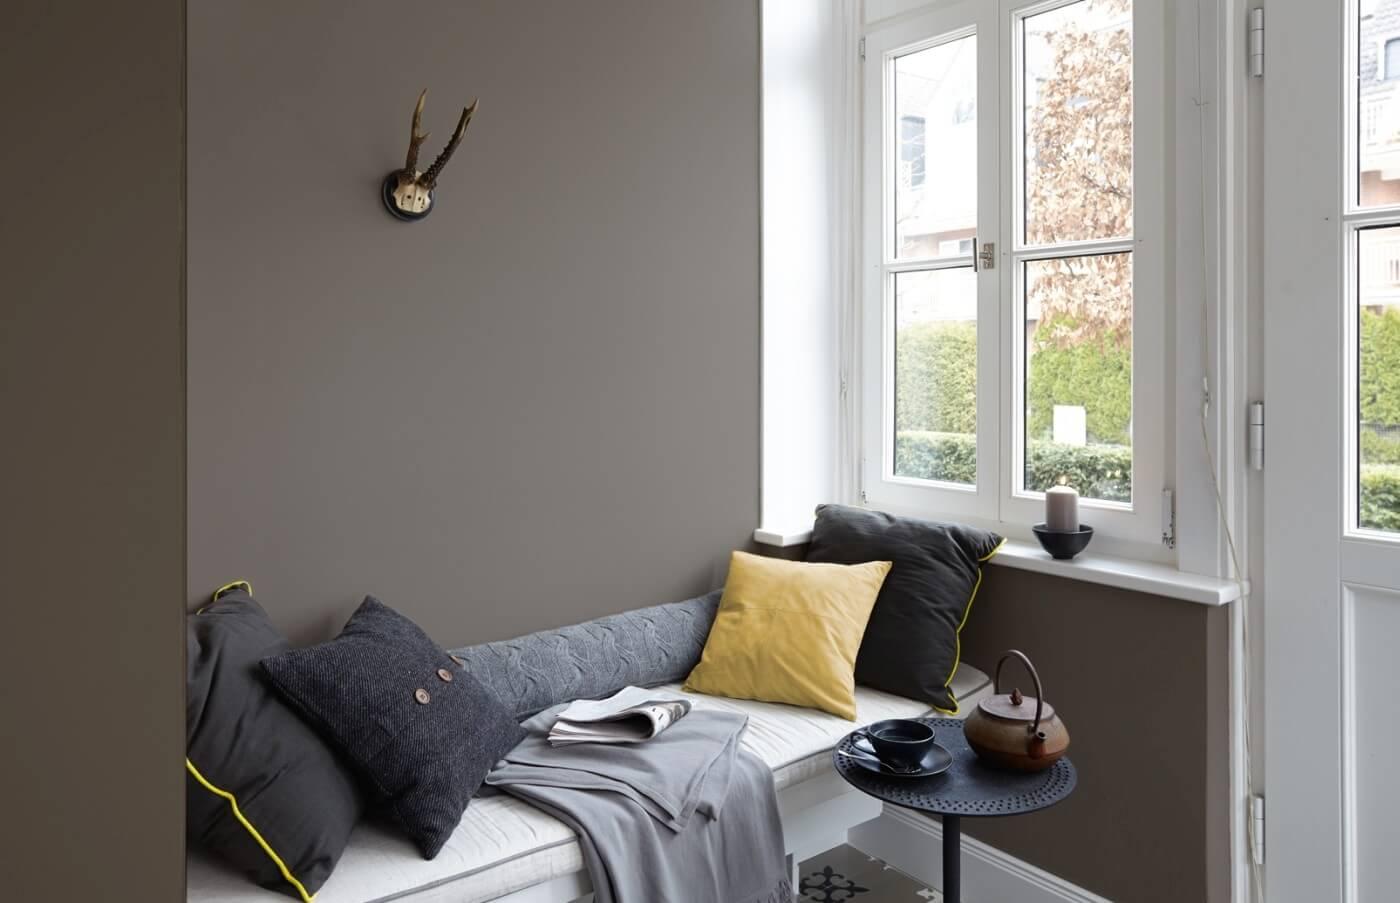 Neu wandfarben trends wandfarben ideen gestaltungs tipps - Farbe grun schlafzimmer ...